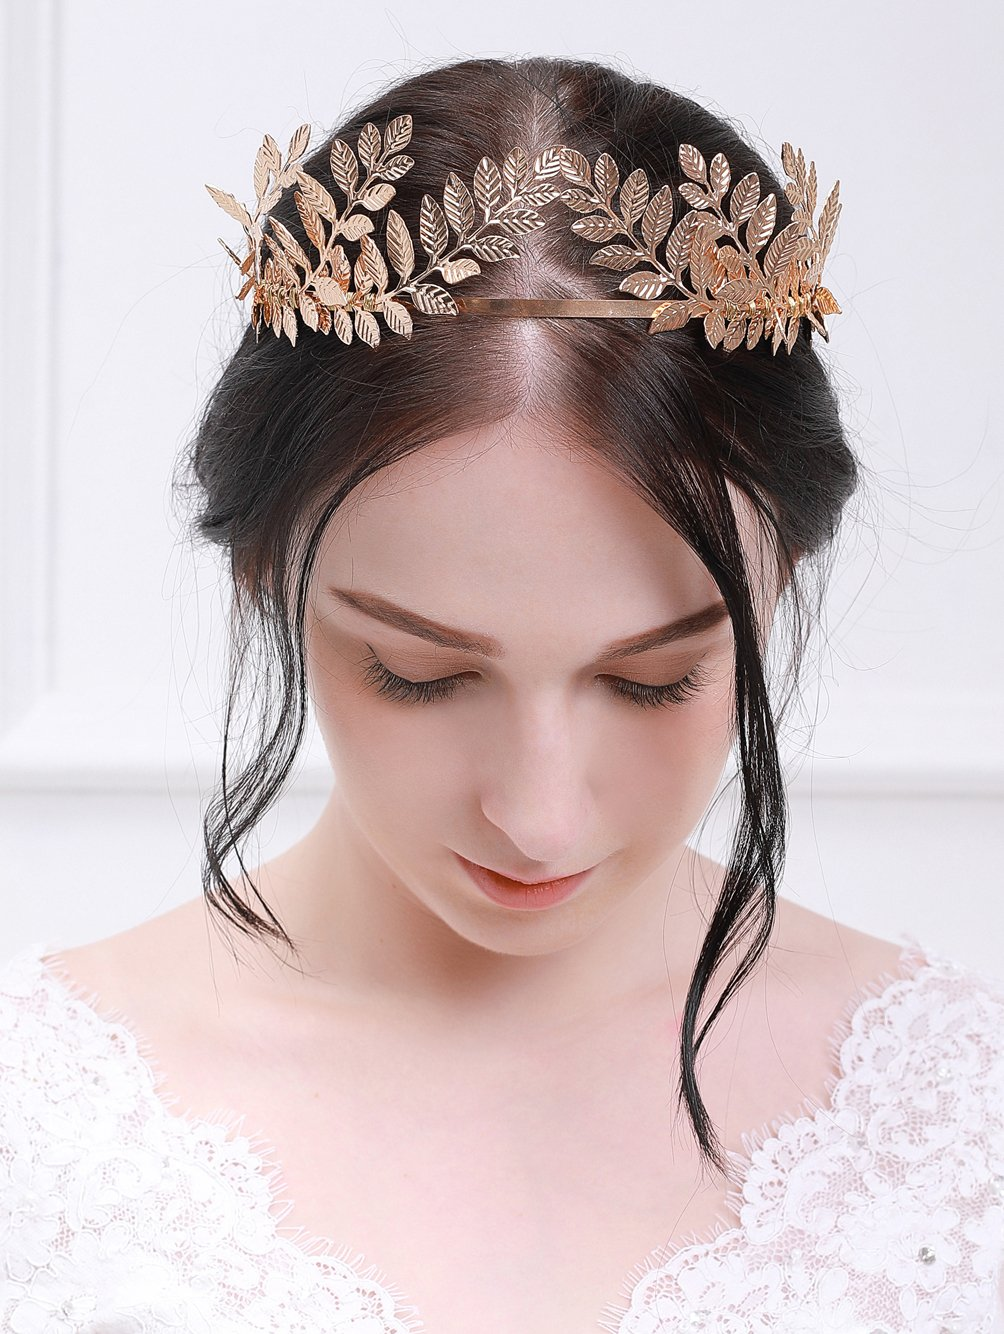 fxmimior Handmade Bridal Wedding Crown Leaf Headband Women Crystal Tiara Headpiece (GOLD) (gold) by fxmimior